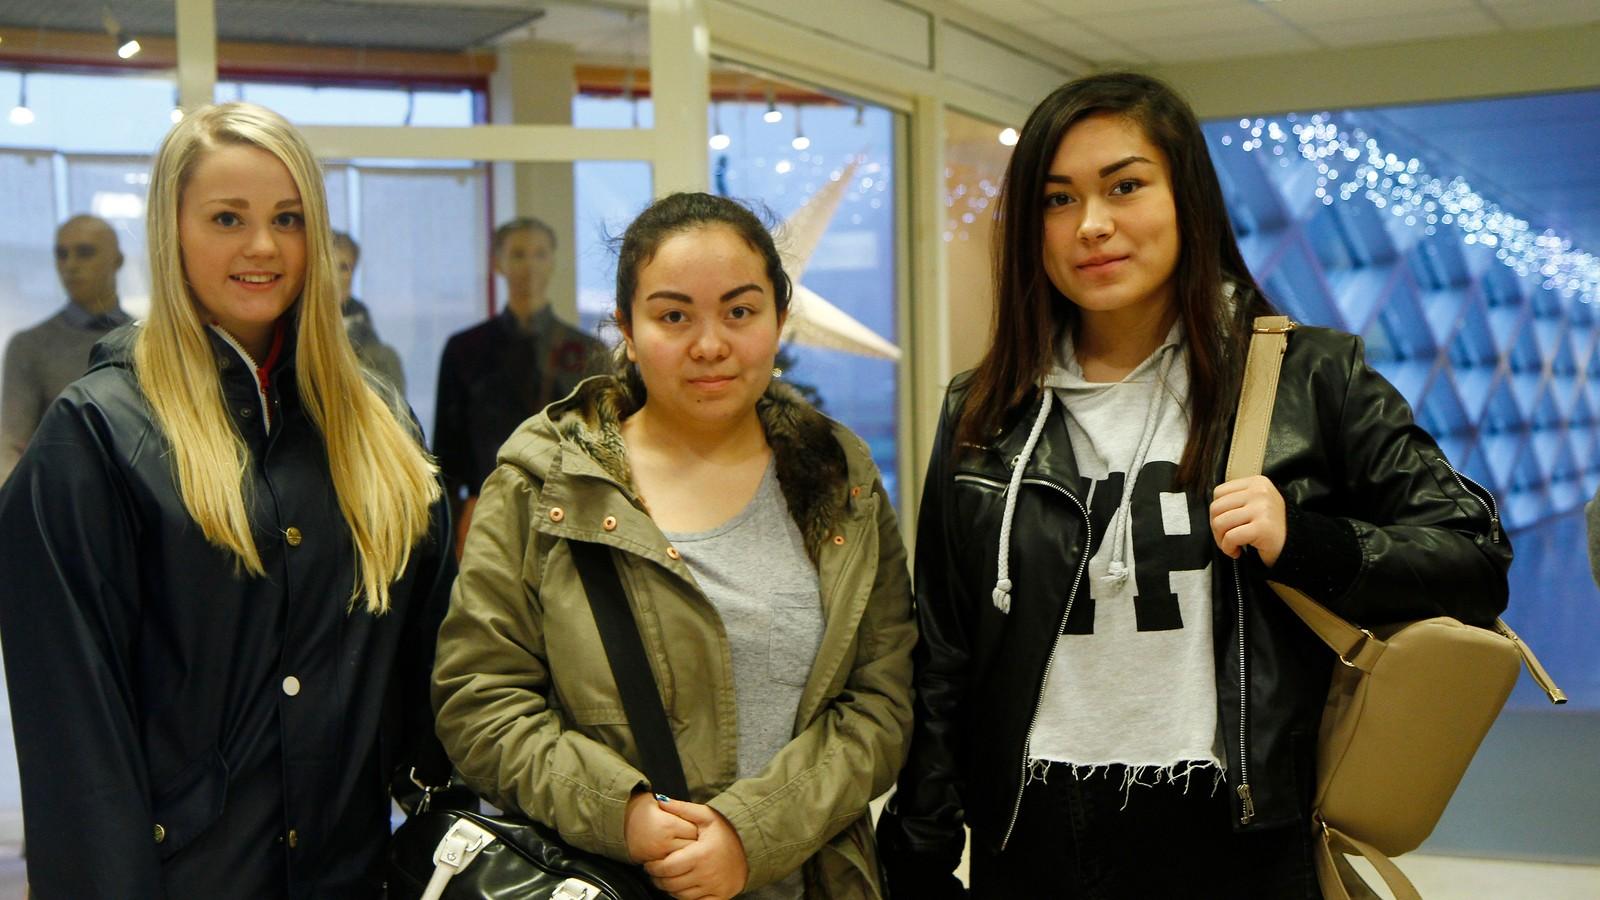 Desse tre jentene hadde tatt turen frå Florø til Førde for å handle tilbodsvarer. Frå venstre: Sandra Jacobsen, Jannicke Hatlem og Camilla Hatlem.